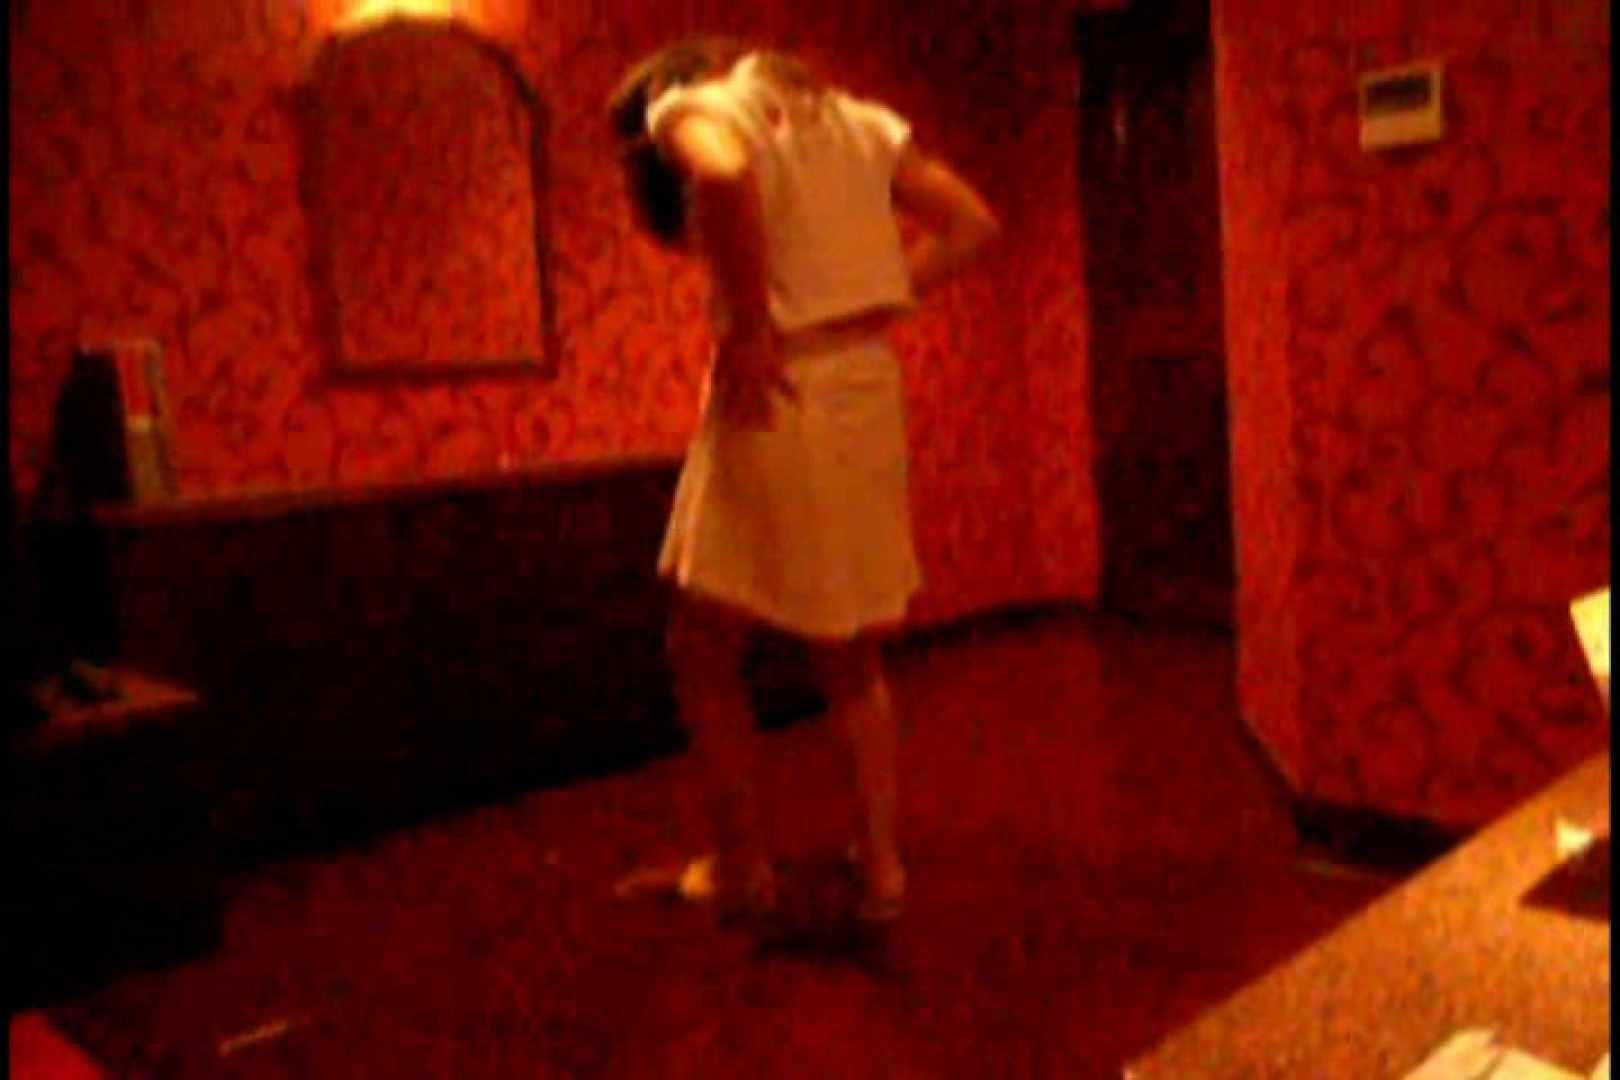 某掲示板に投稿された素人女性たちVOL.9 ホテル   素人流出  94PIX 22